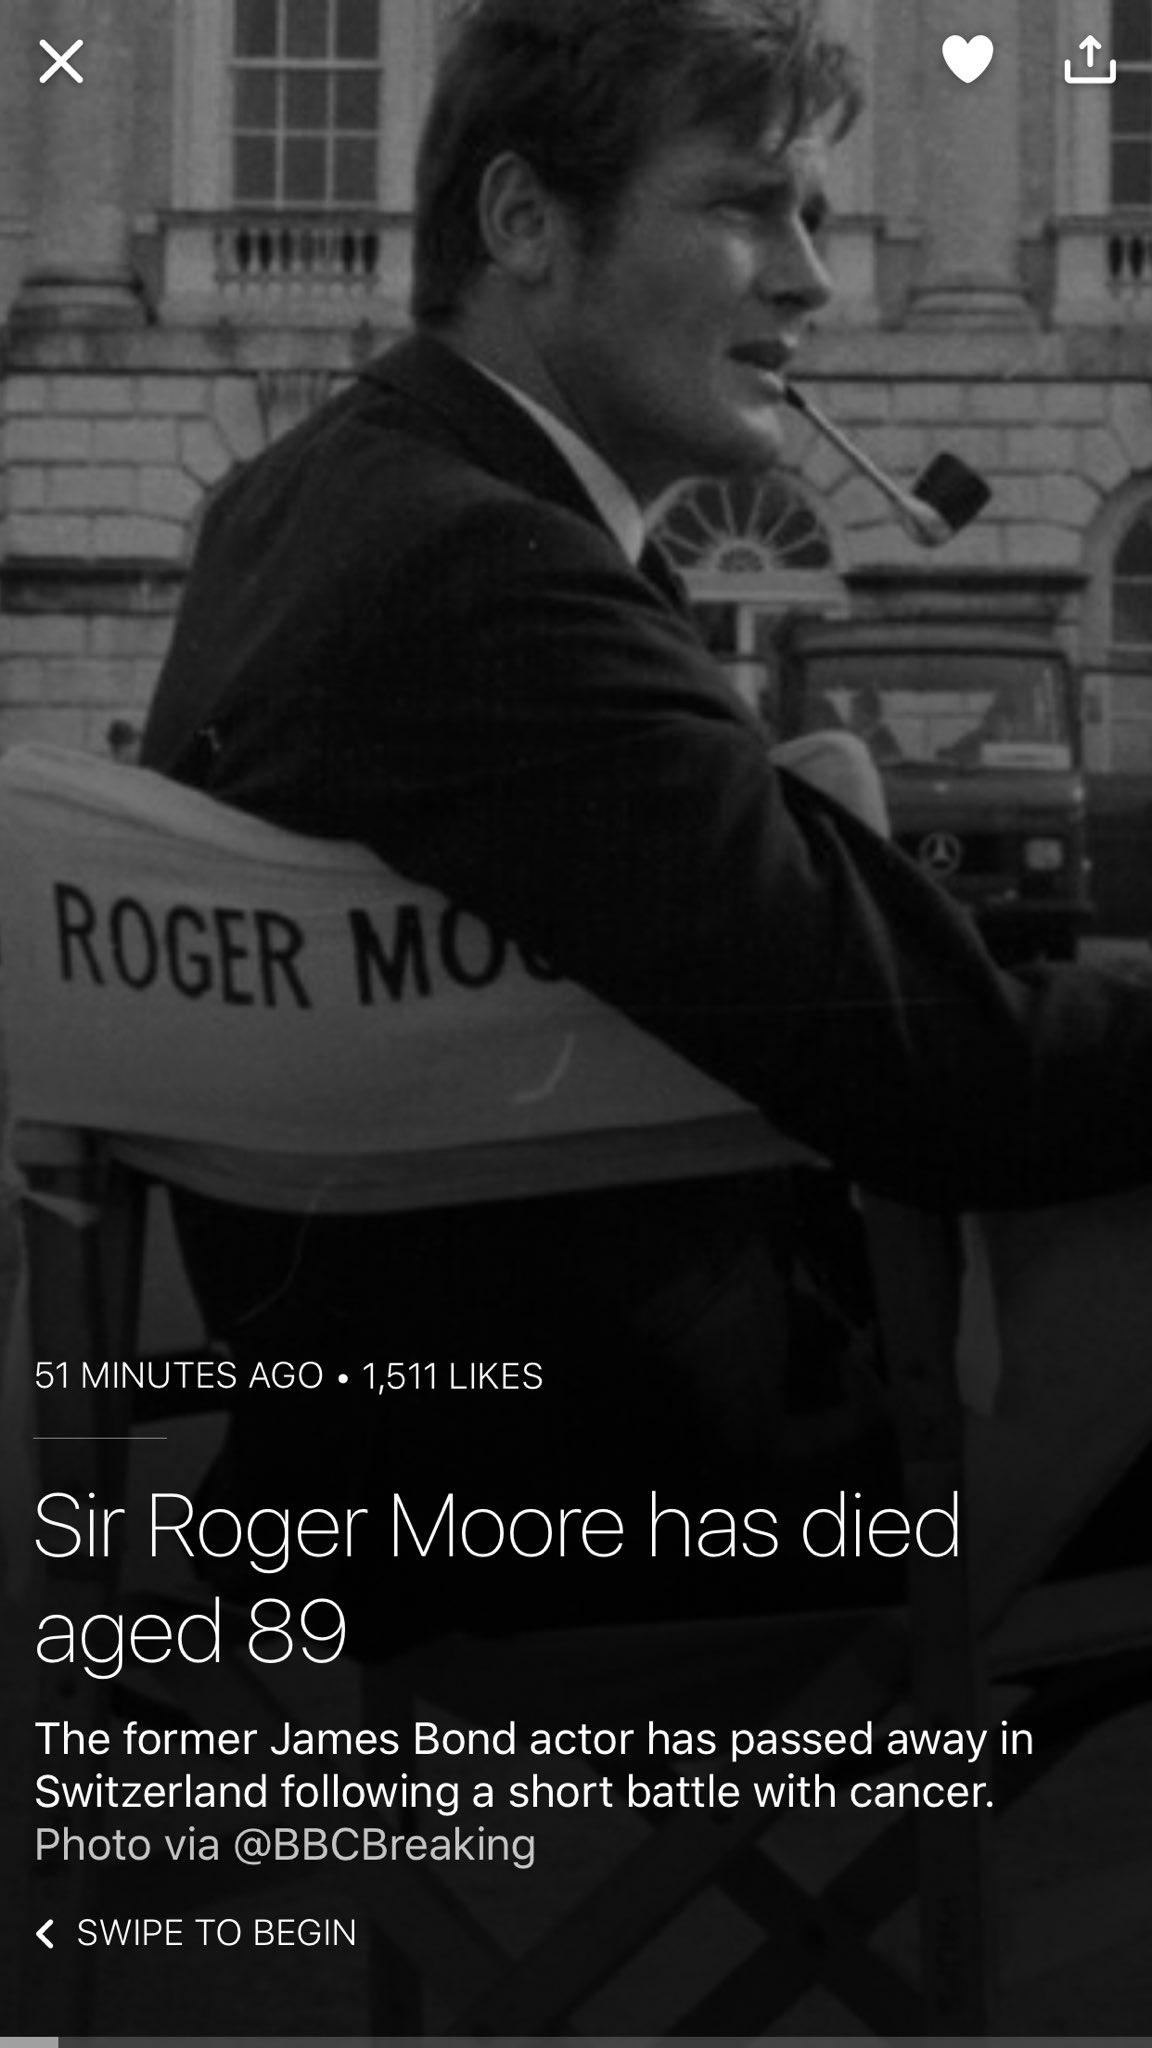 RIP BOND https://t.co/3MQQwXIWf3